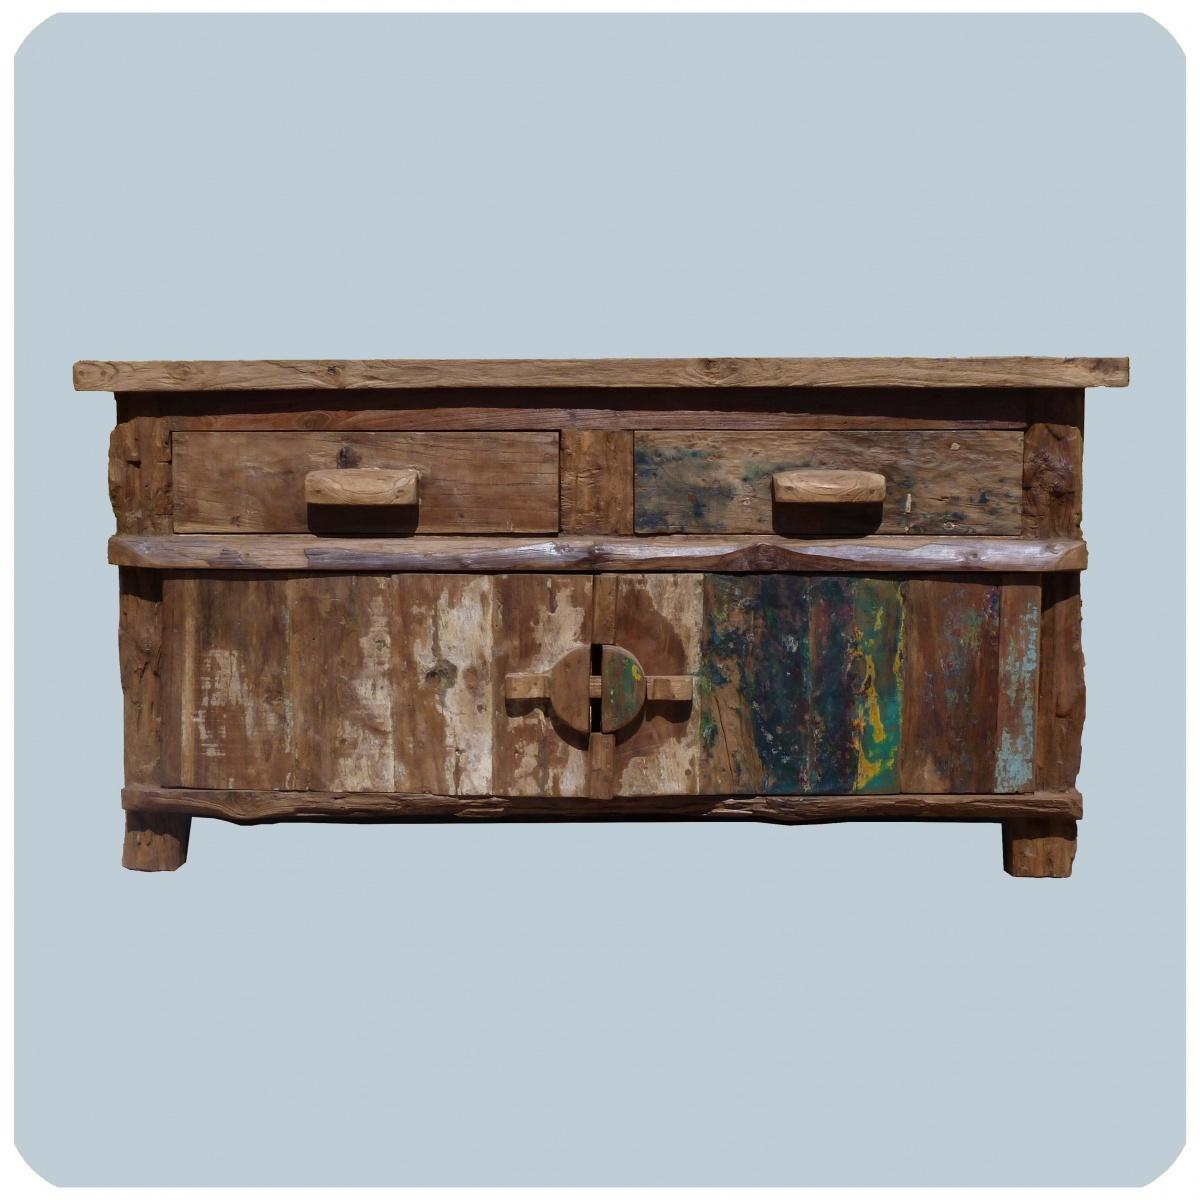 Vieux ch ne commode born o vintage massif bois de teck meuble artisan ebay for Vieux meuble en bois